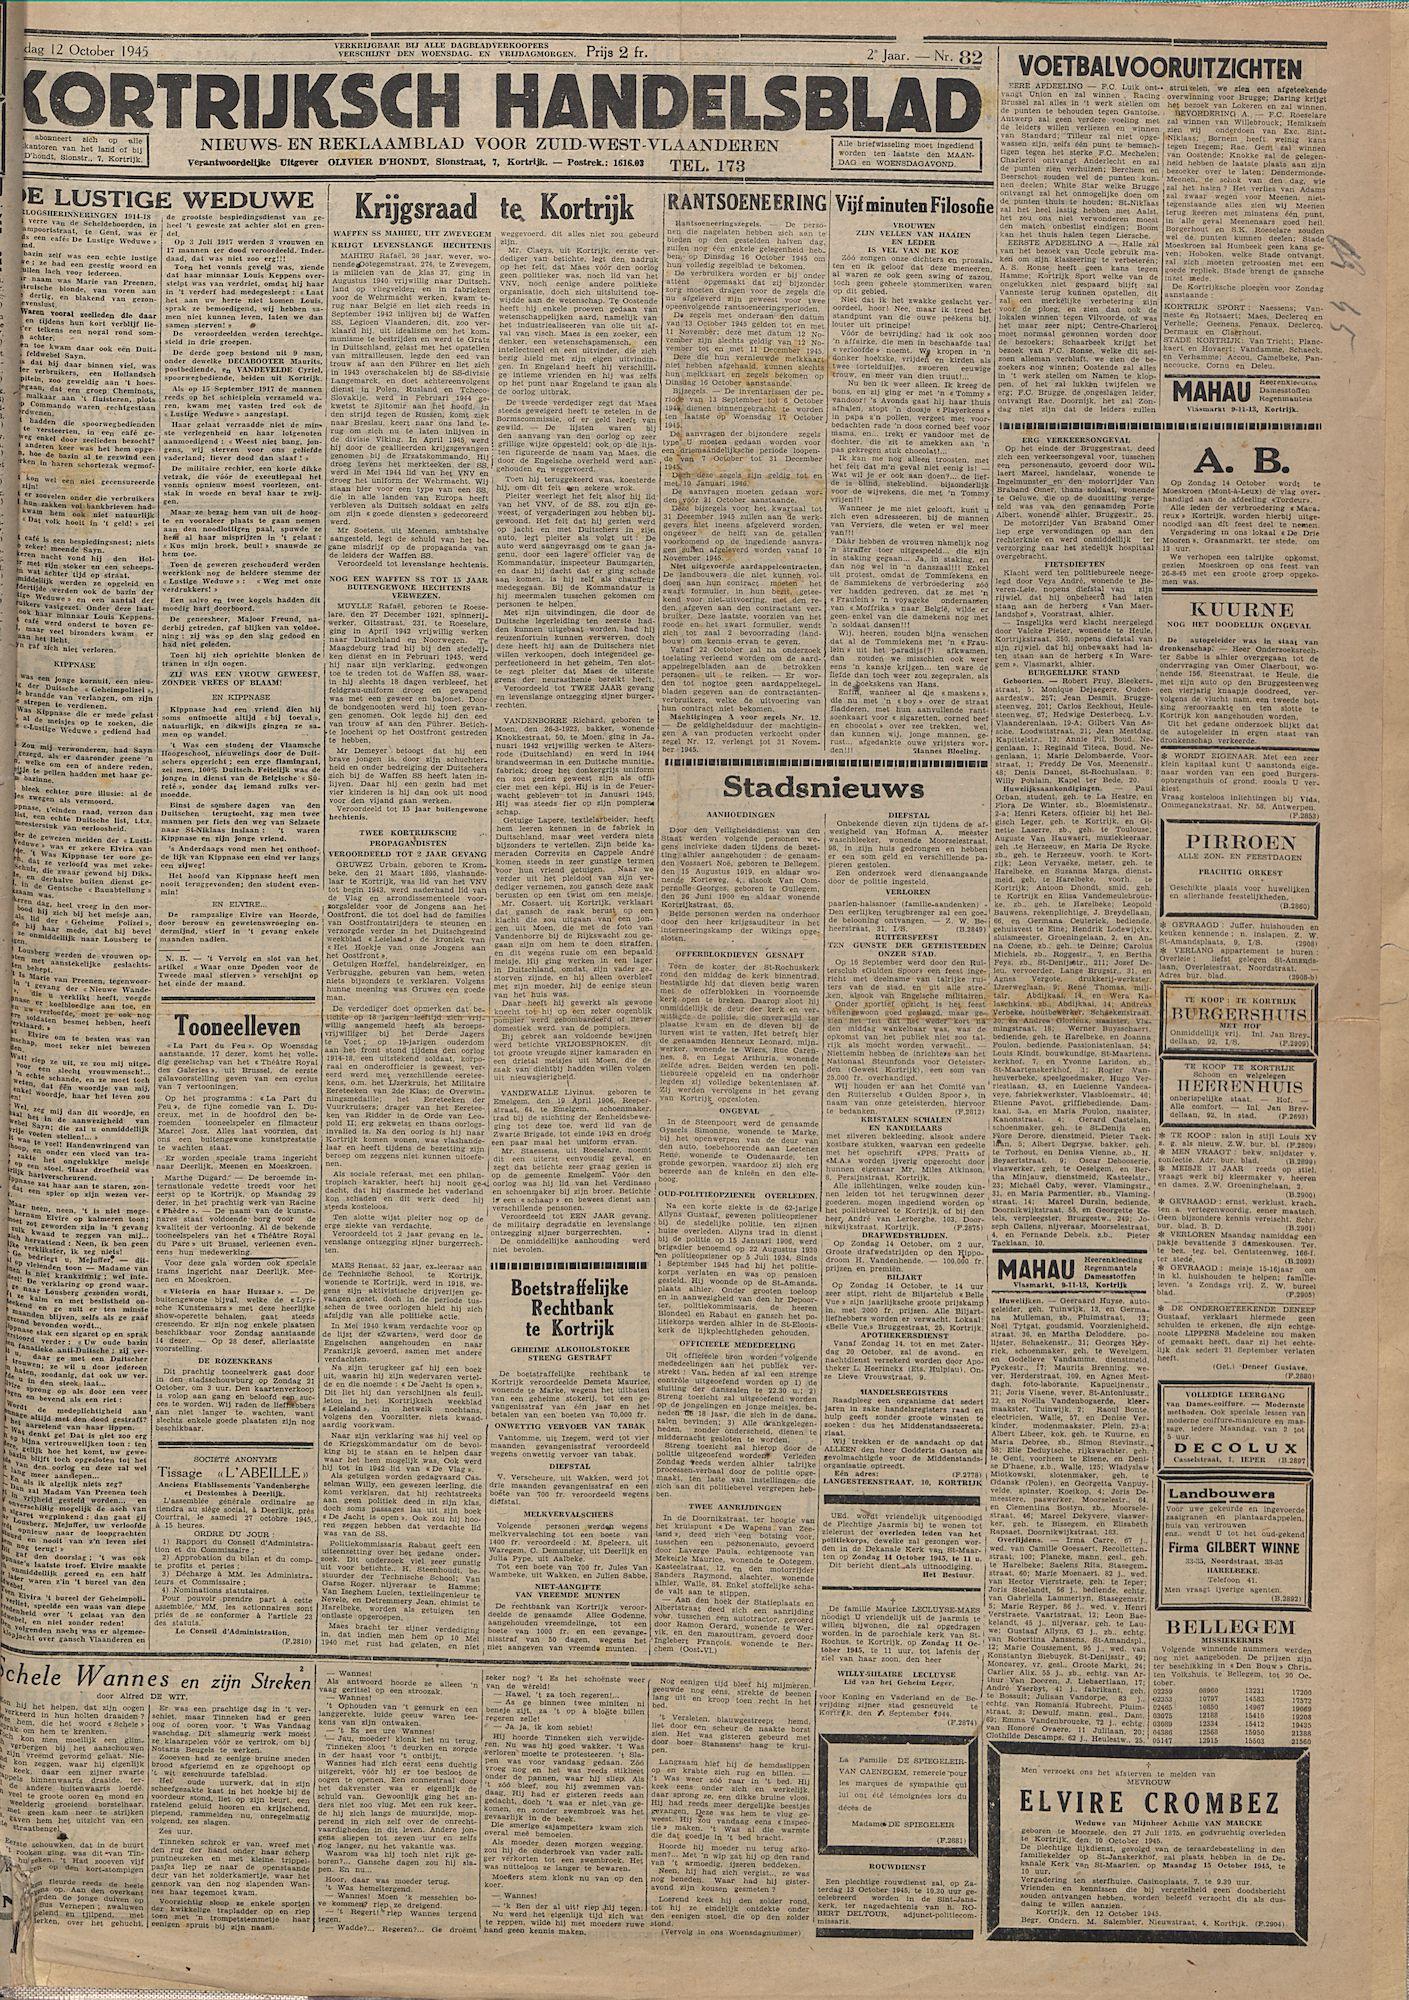 Kortrijksch Handelsblad 12 october 1945 Nr82 p1